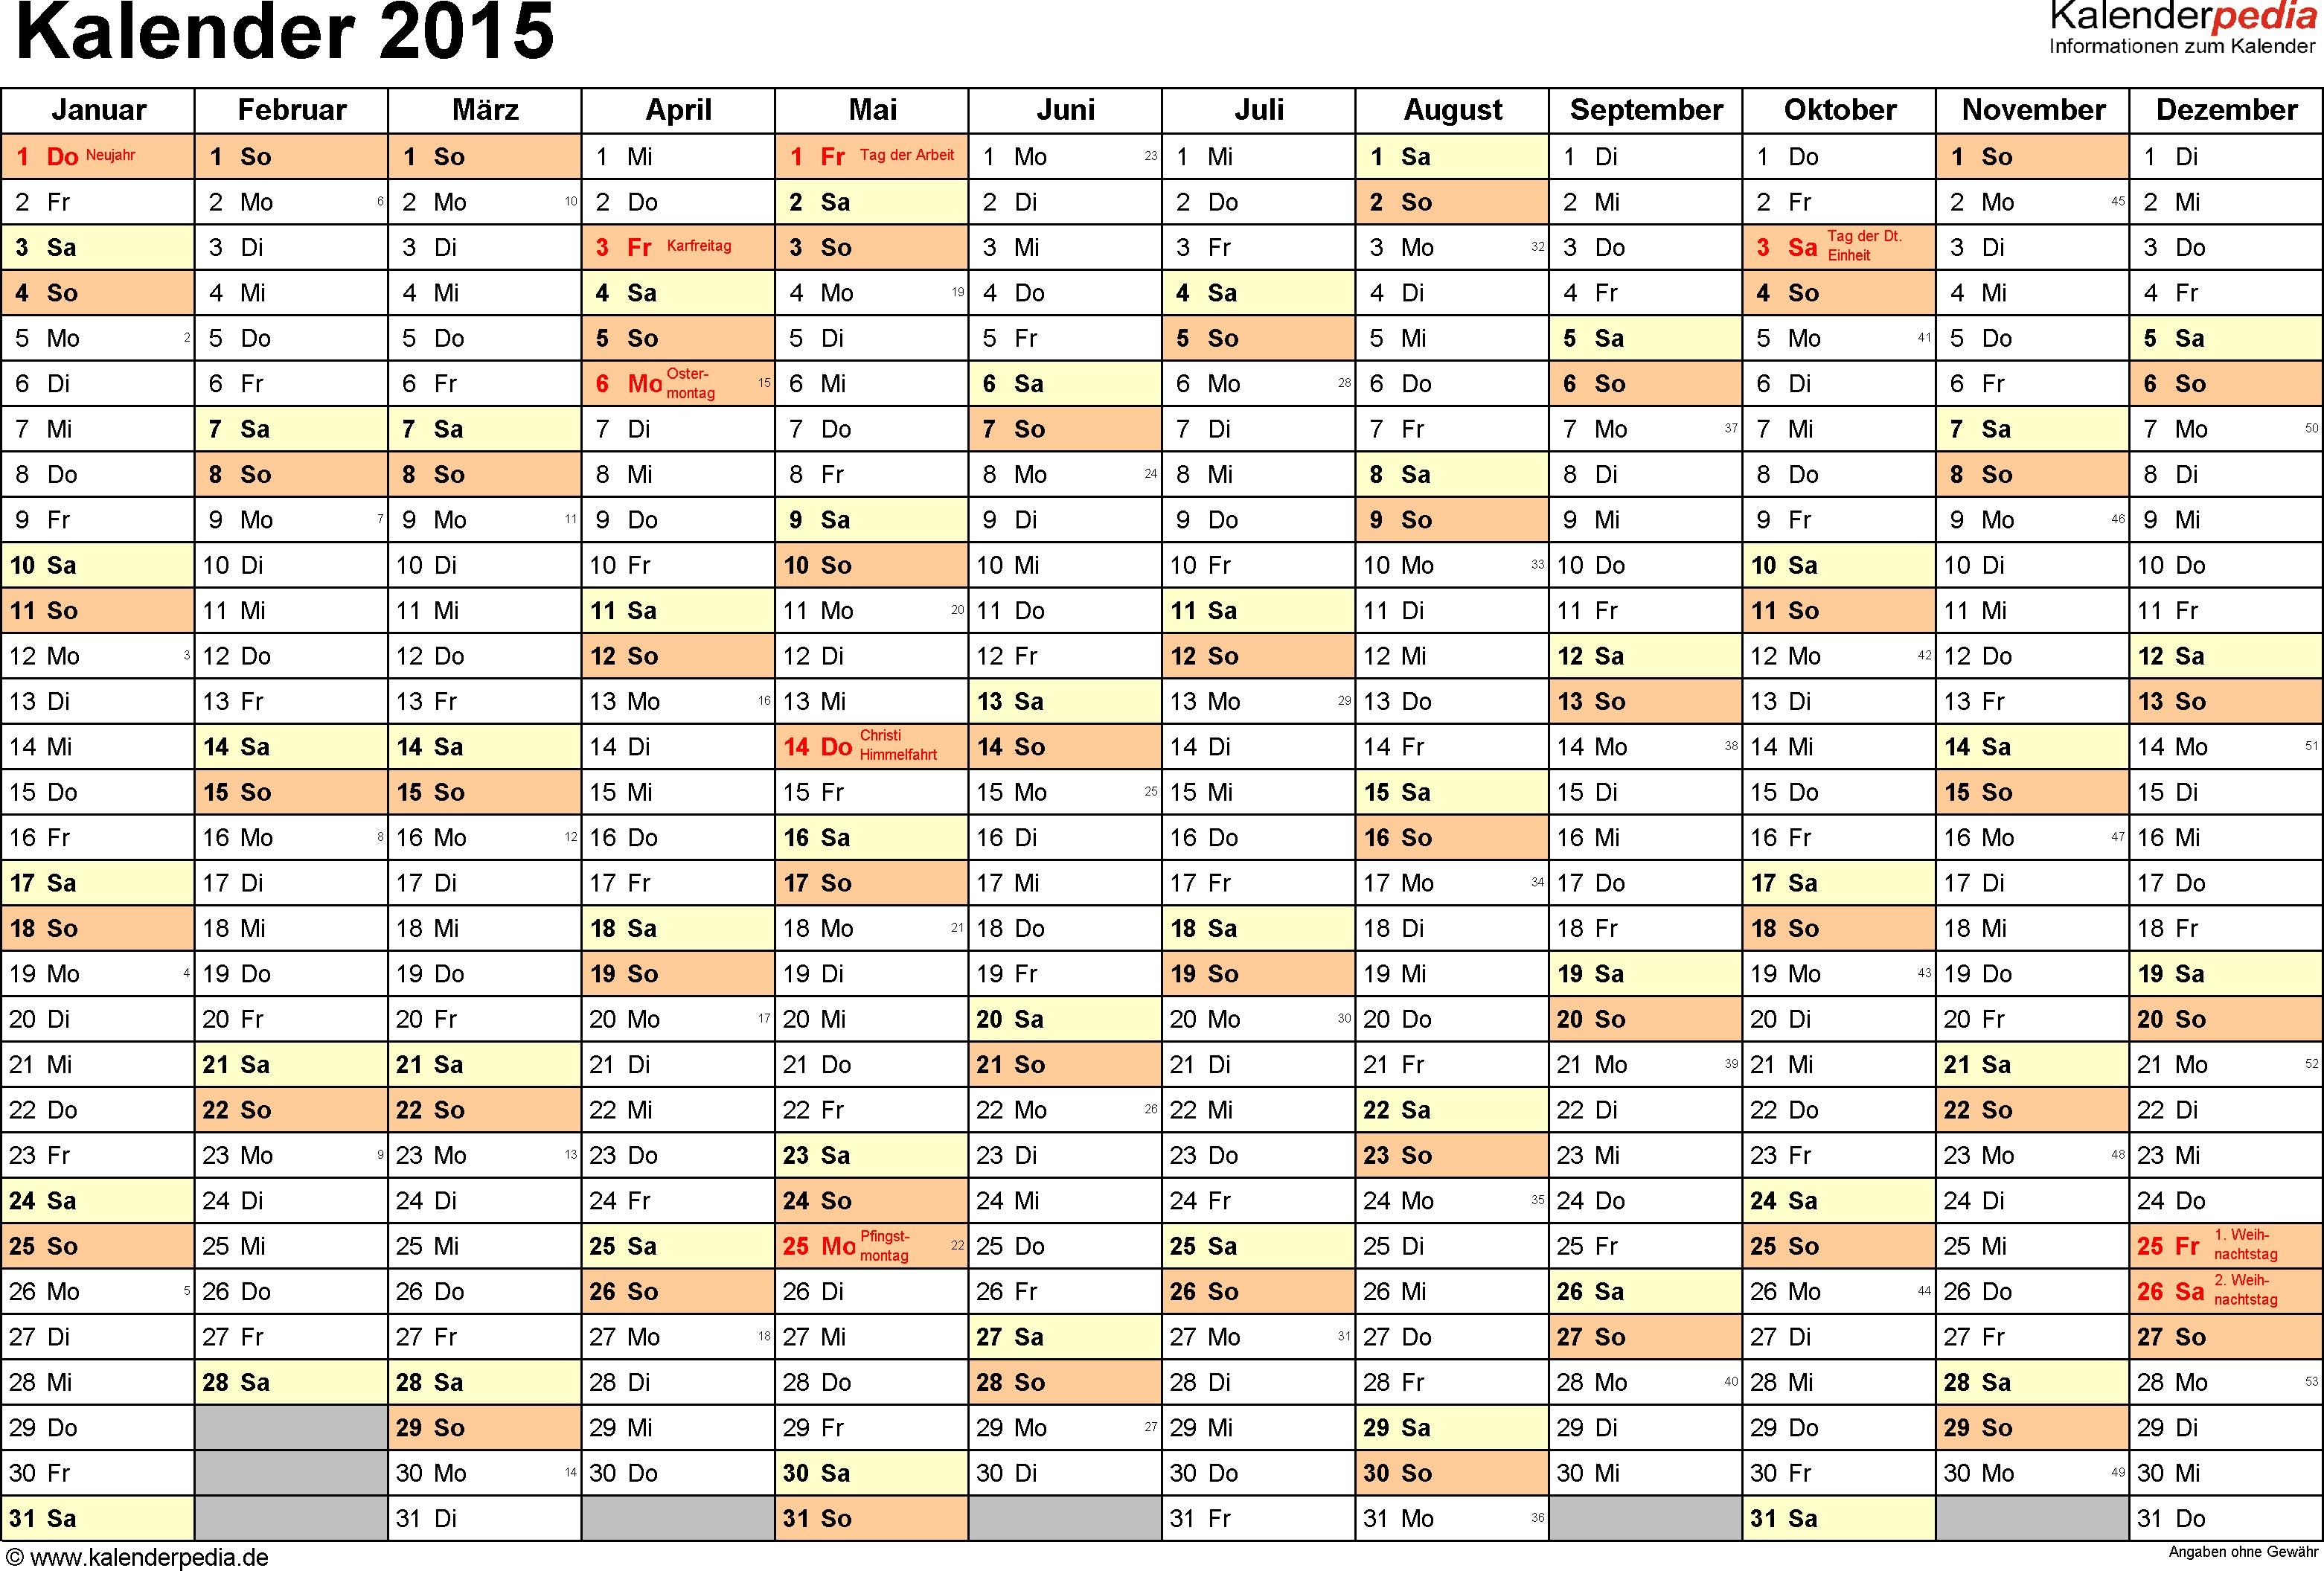 Kalender 2015 Zum Ausdrucken Als Pdf 16 Vorlagen Kostenlos